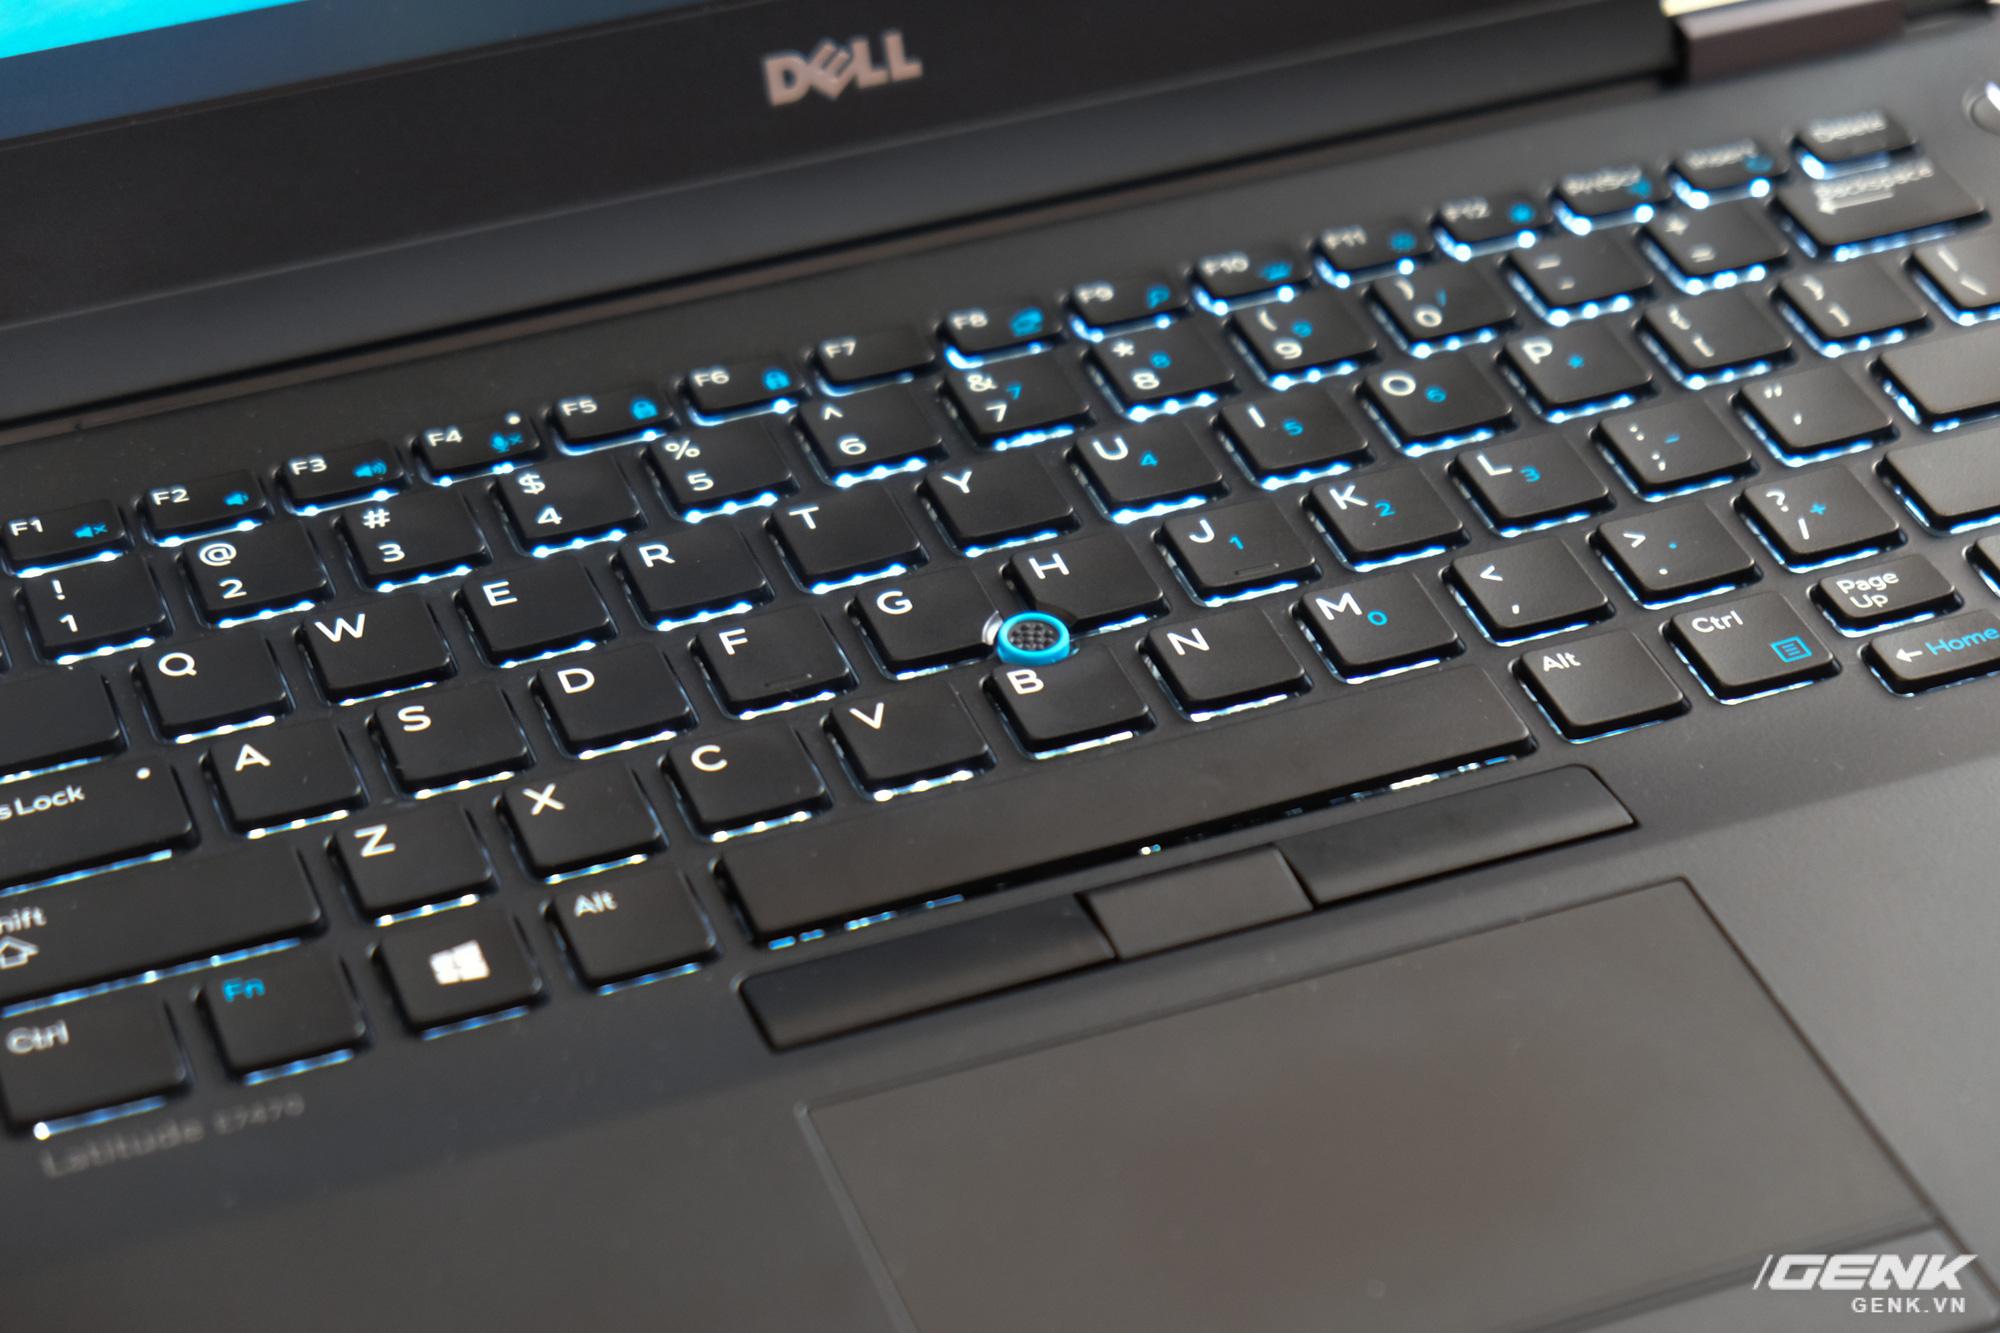 Mua laptop doanh nhân cũ để work from home, tôi đã nhận được gì? - Ảnh 13.